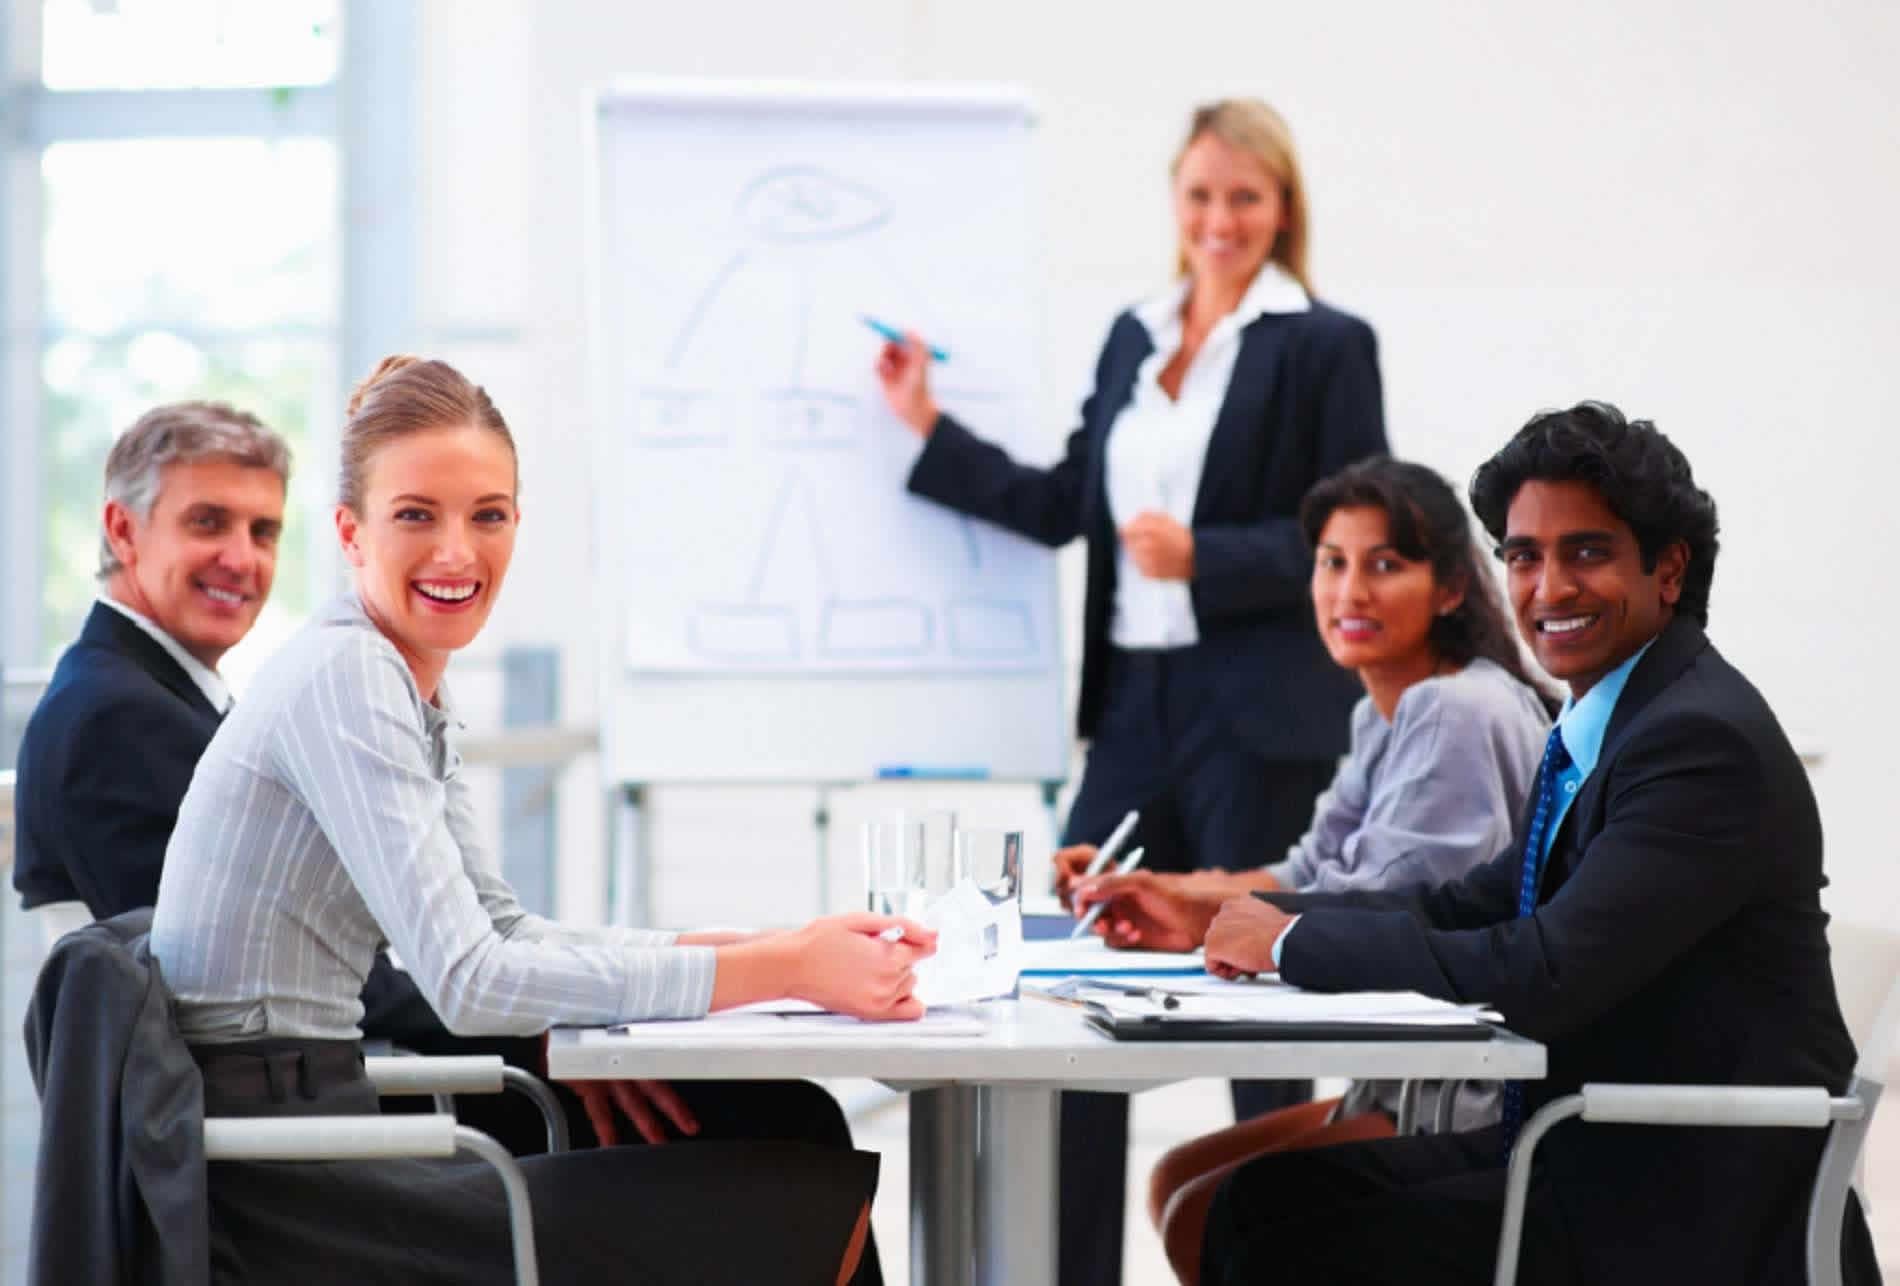 Cơ hội nghề nghiệp rộng mở